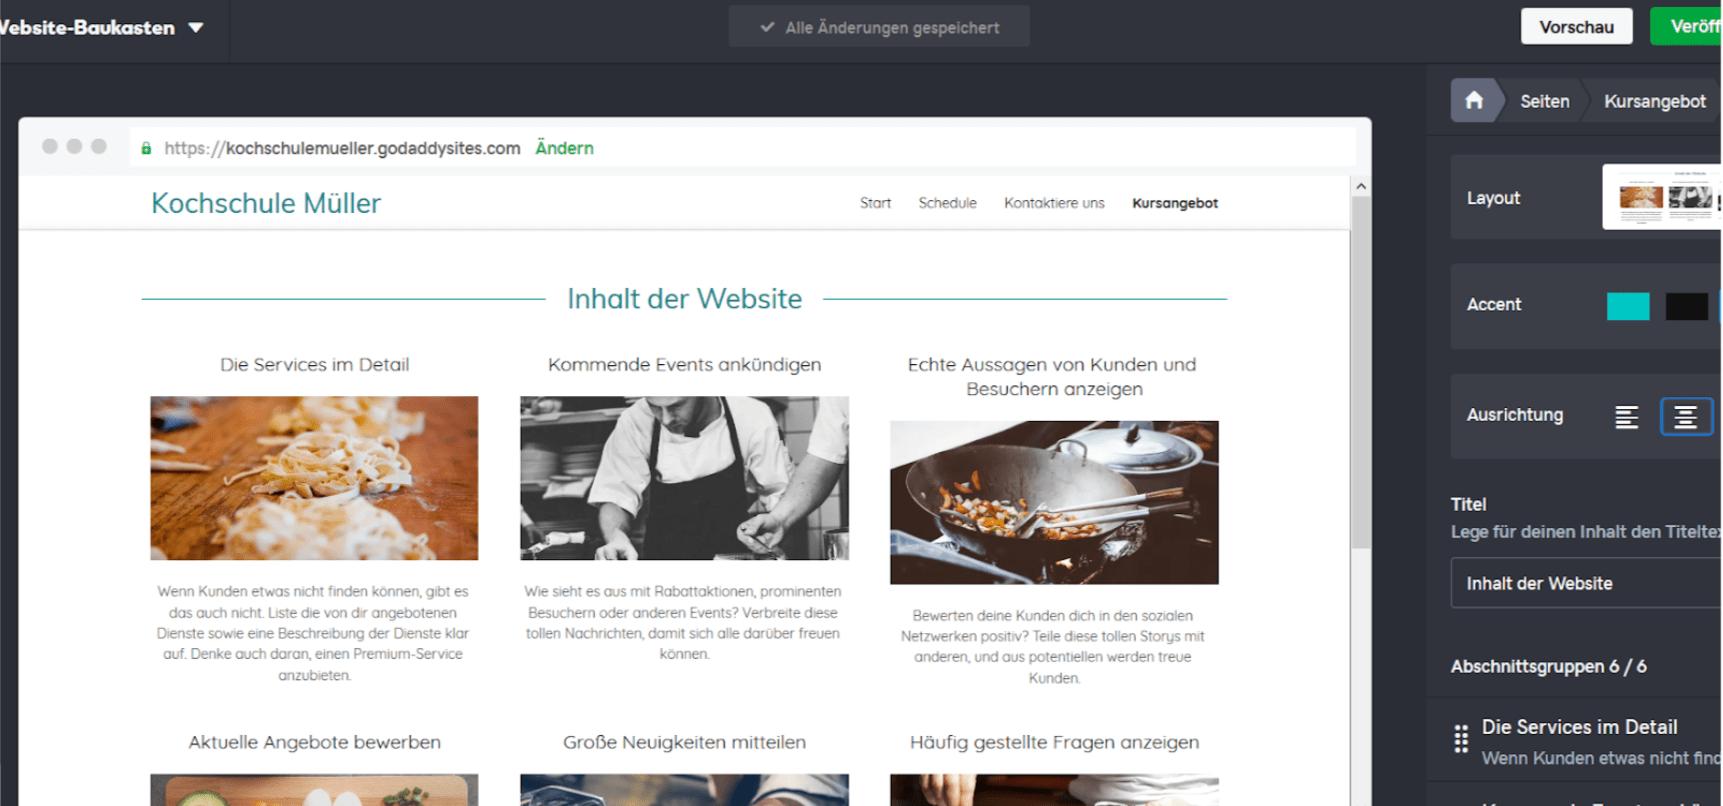 Professionelle Website erstellen mit GoDaddy - Anleitung Schritt 13